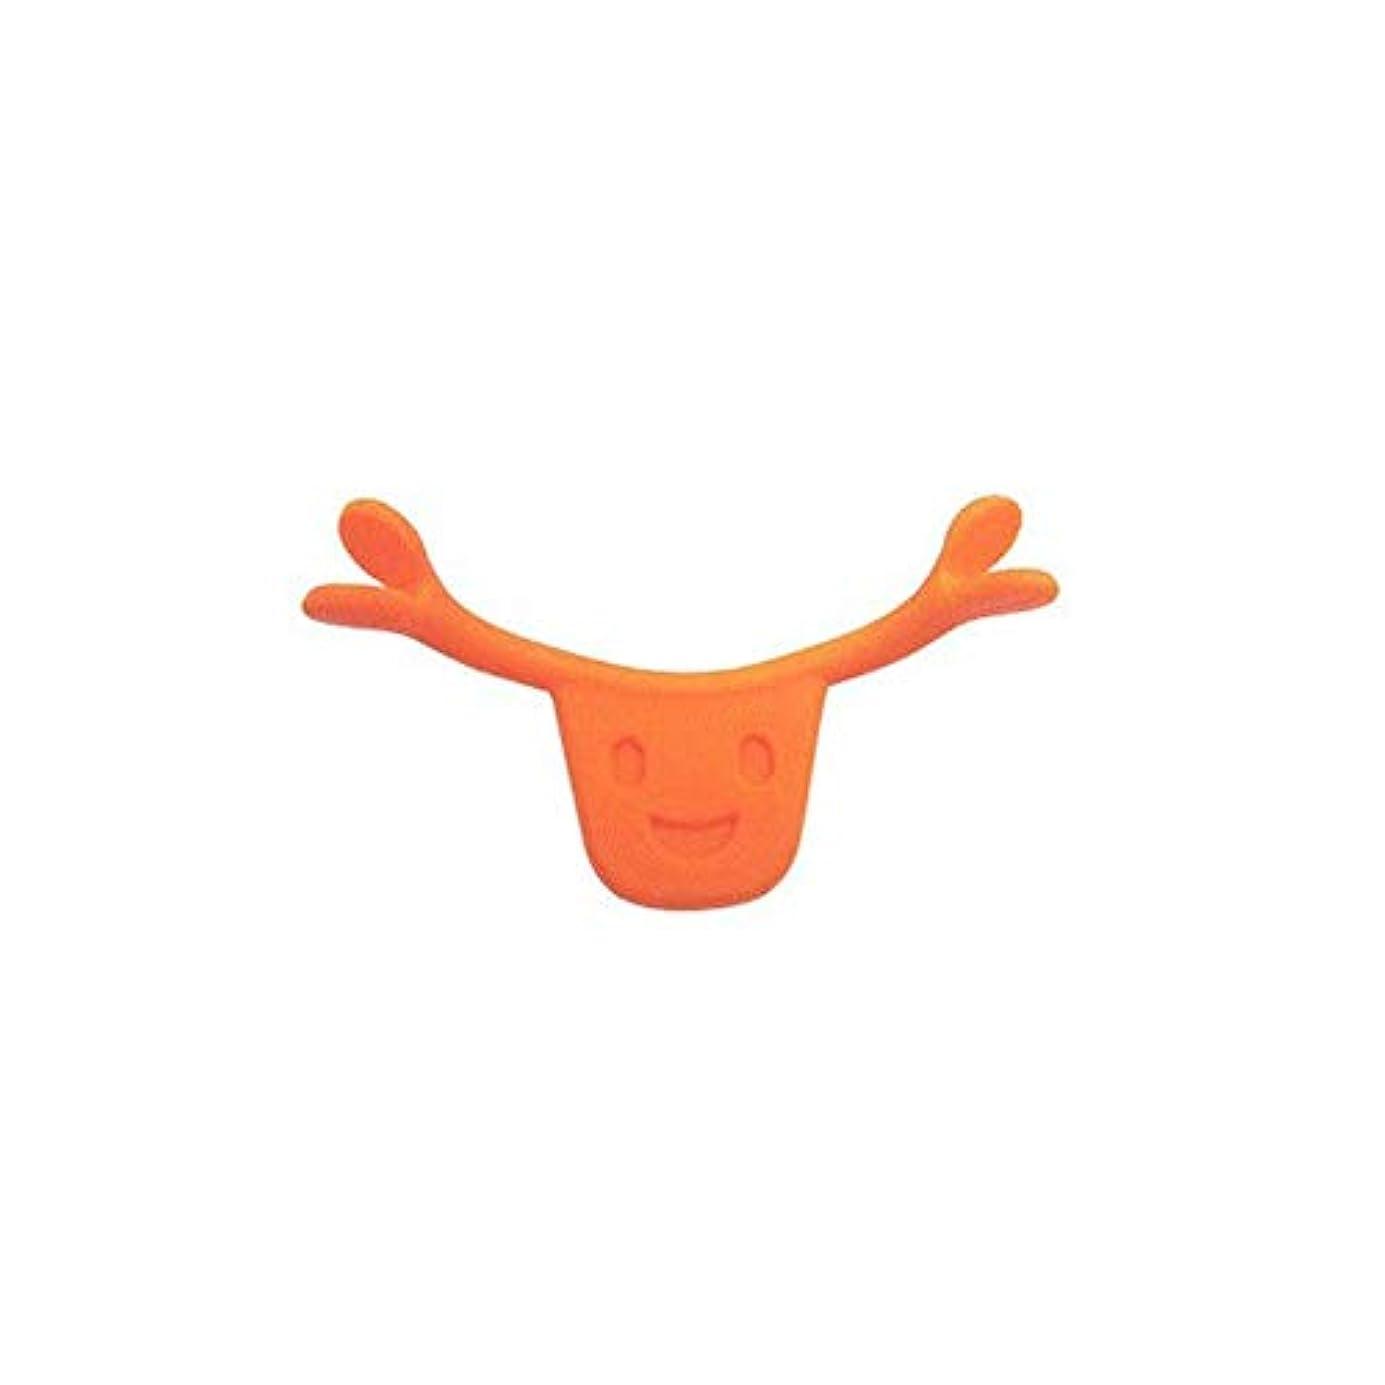 ブロックするフィルタ何故なのポータブルサイズ男性女性本格的な魅力的なスマイルブレース口唇エイドスマイルフェイストレーニングコレクターフェイスライフツール(Color:orange)